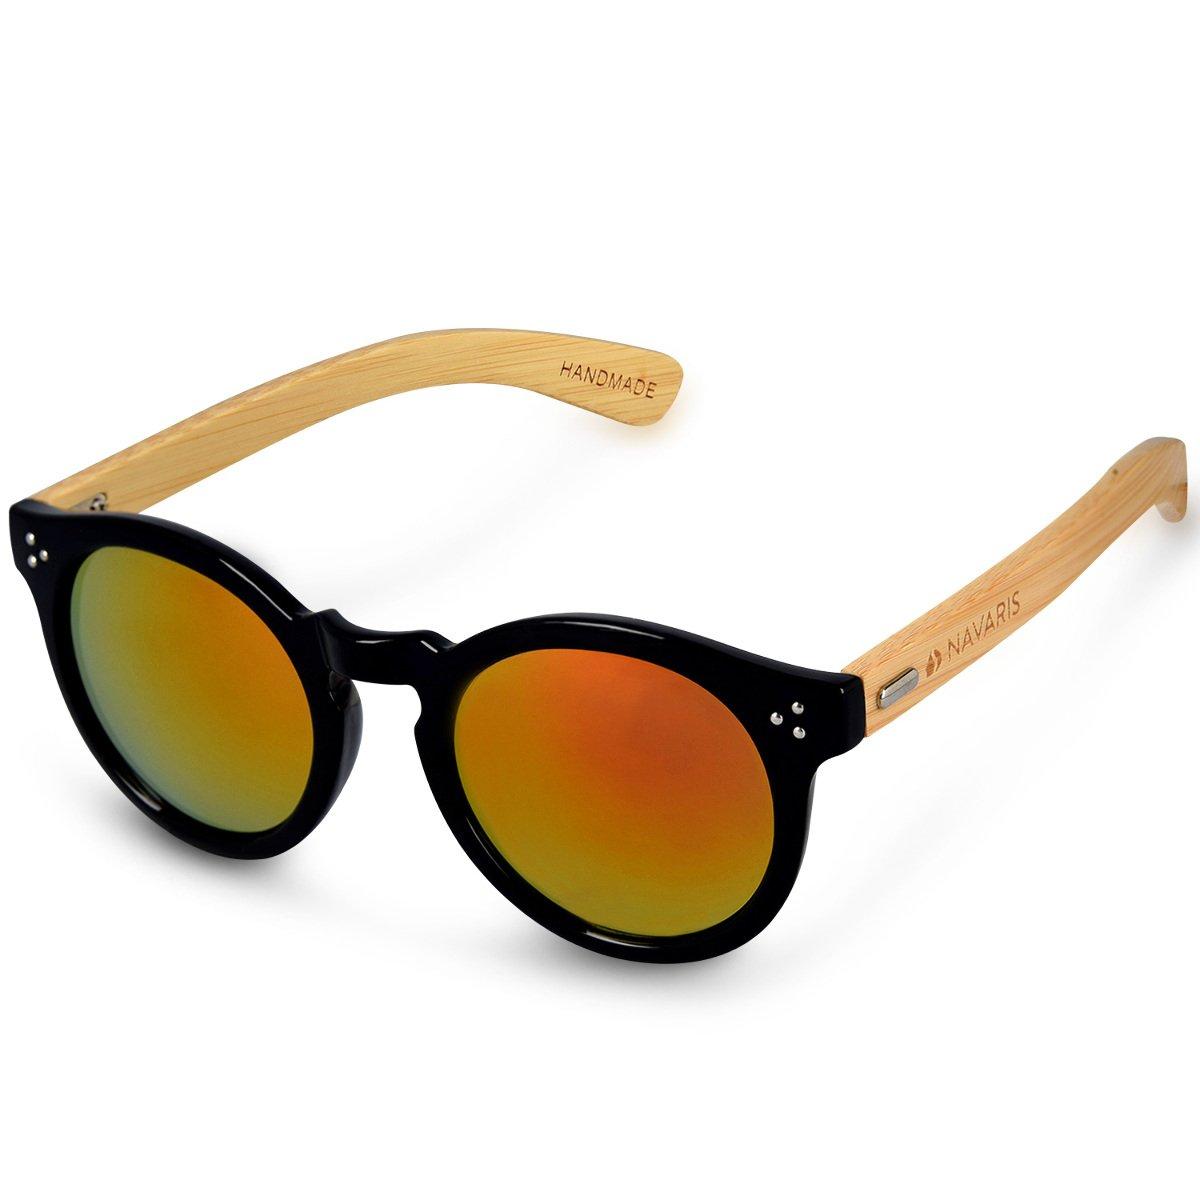 1d7cbc6a7239 Navaris UV400 Bamboo Sunglasses - Unisex Retro Wooden Optics Glasses -  Classic Wood Shades Women Men - Eyewear with Case Polarized Lenses   Amazon.co.uk  ...